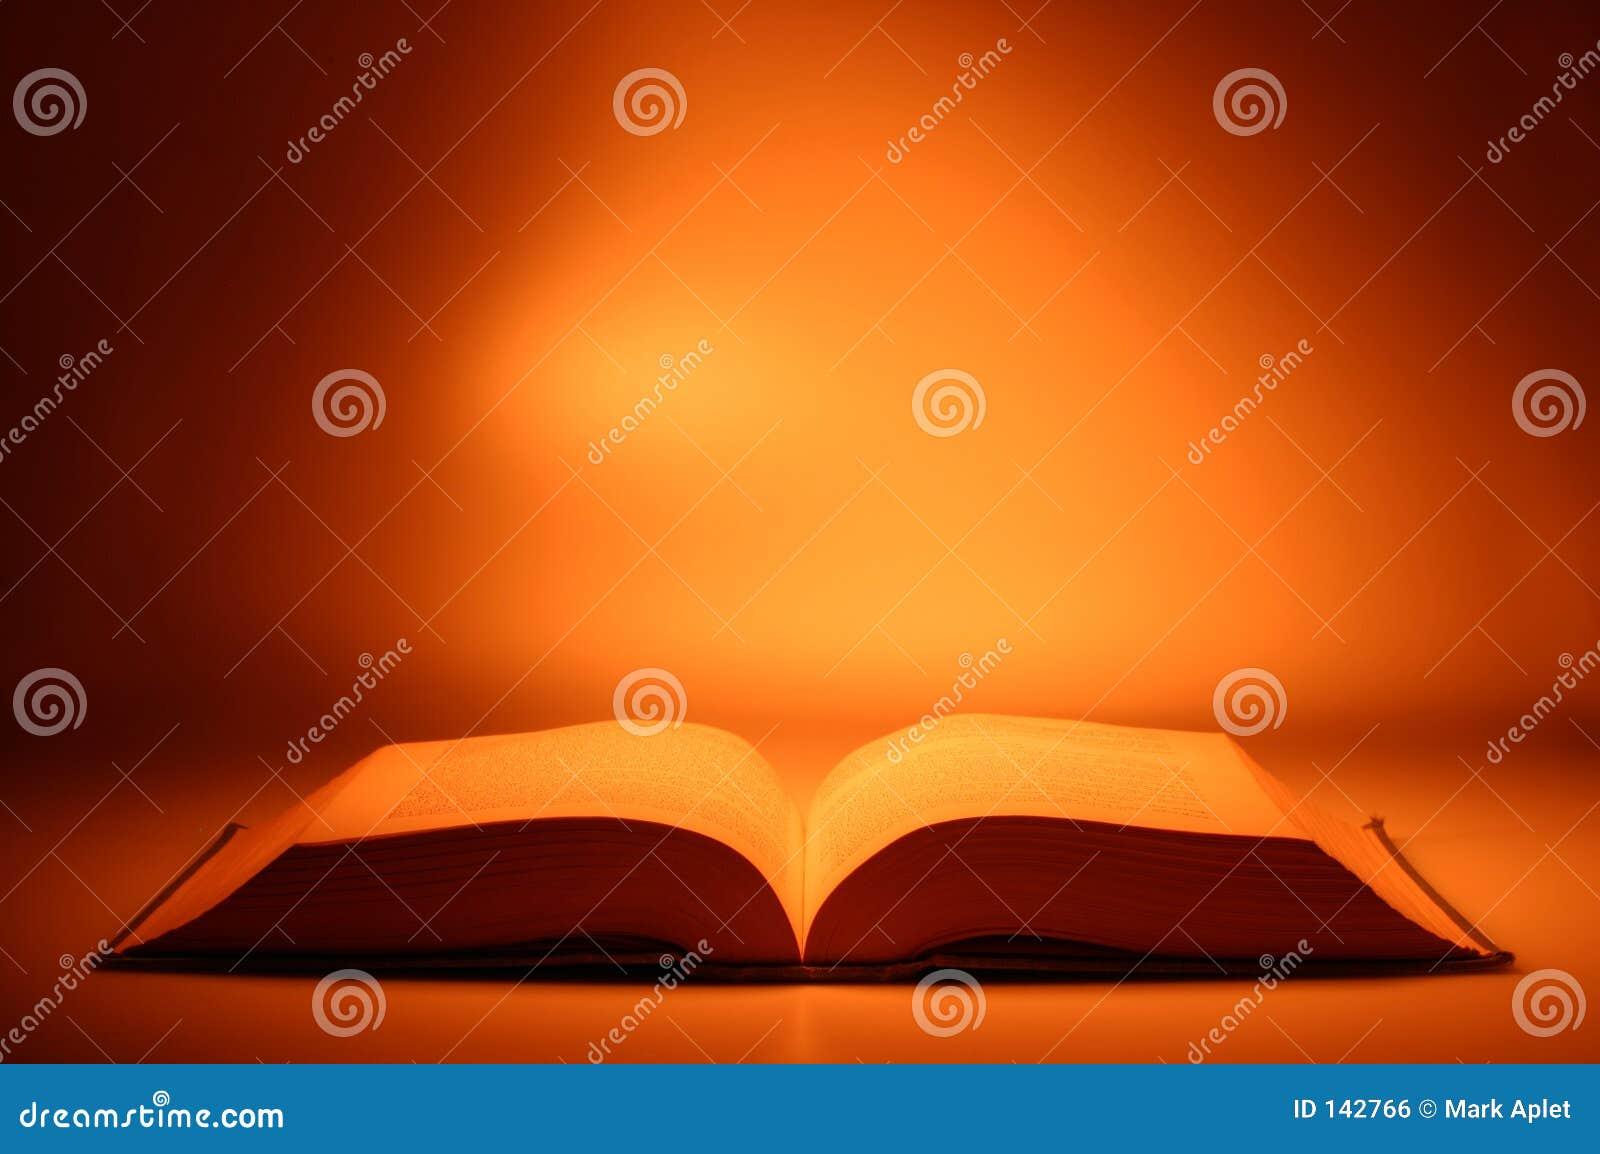 книга открытая